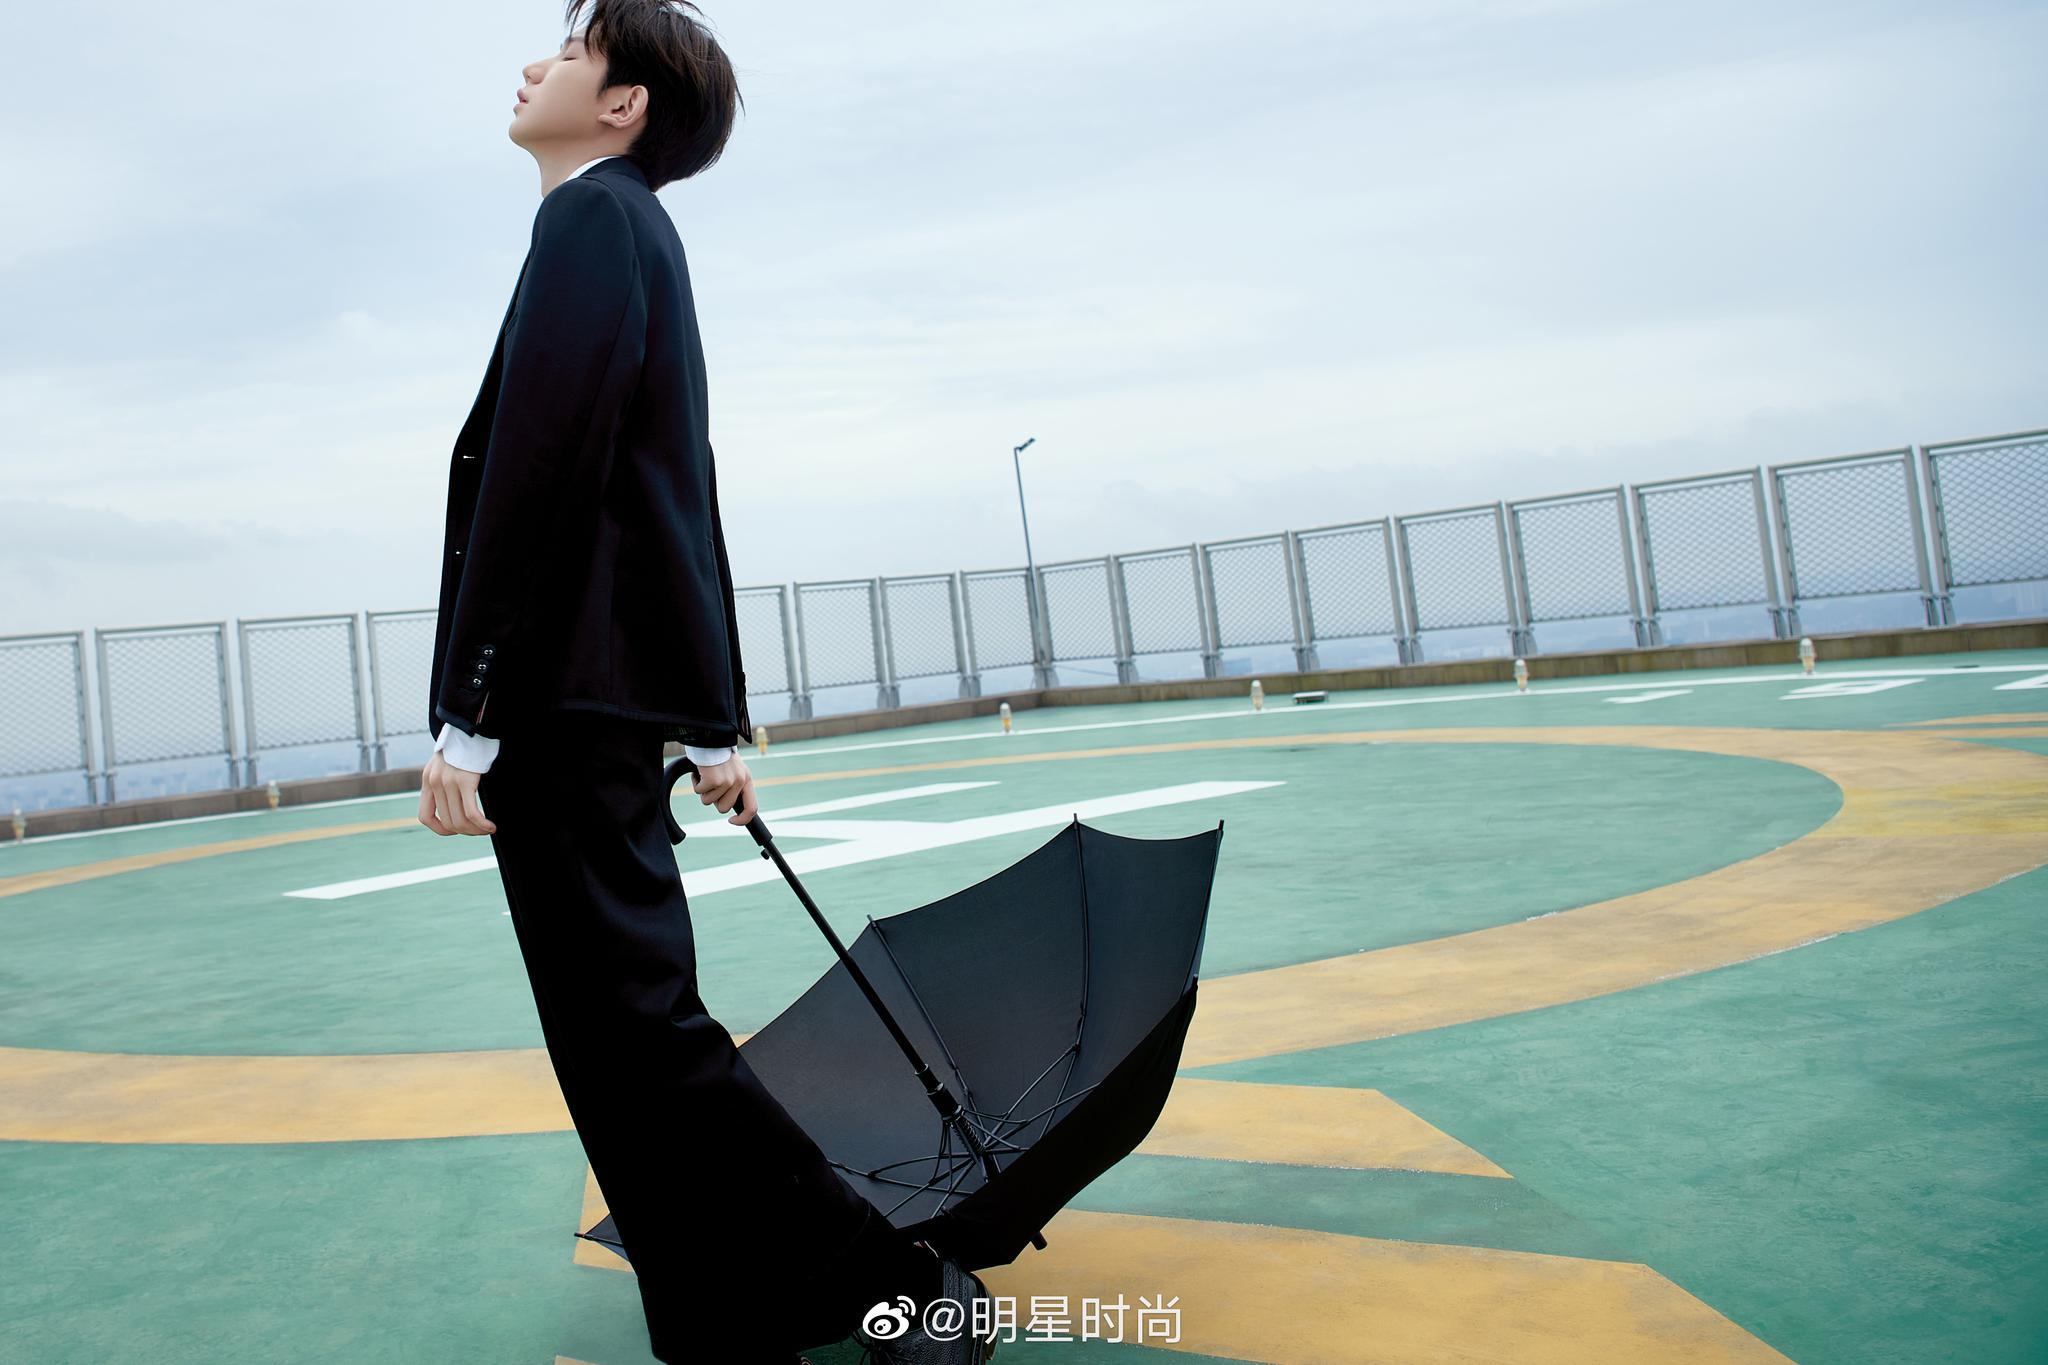 一身正装的小哥哥手持雨伞和鲜花……